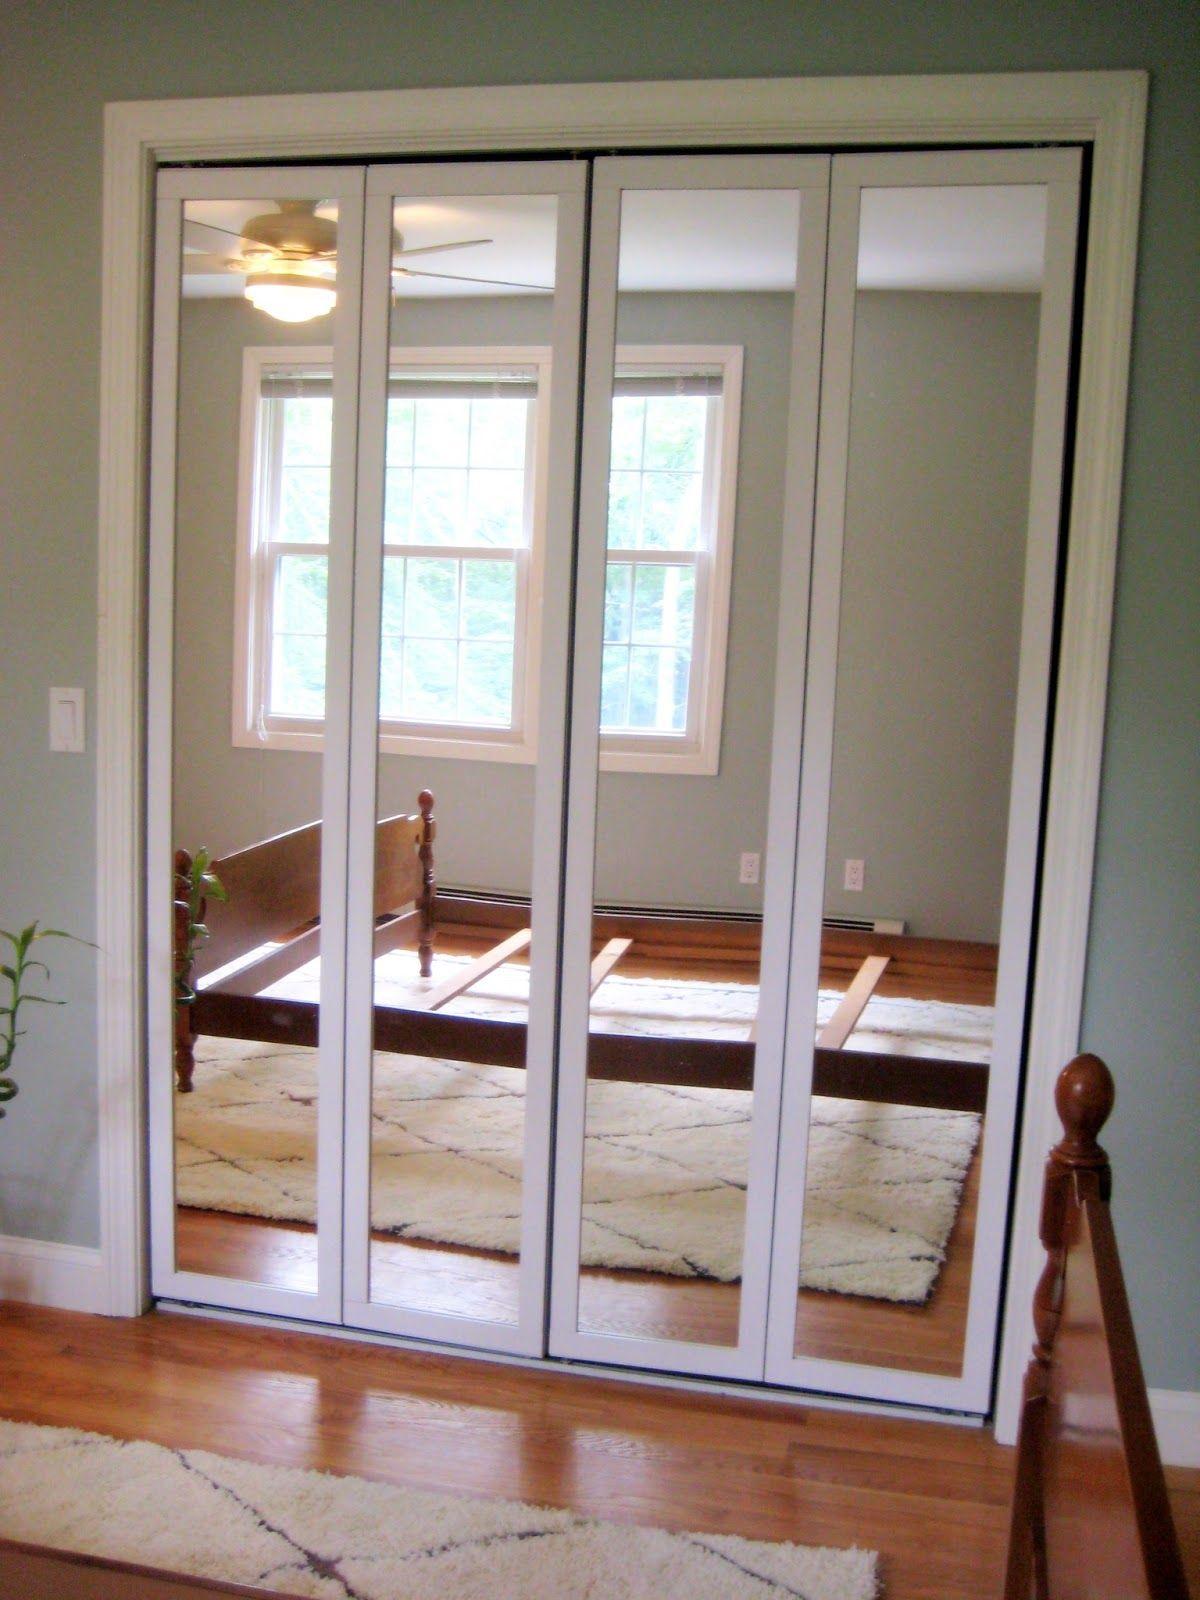 Happily Barefoot Updating Bi Fold Mirrored Doors Bifold Closet Doors Bedroom Closet Doors Mirrored Bifold Closet Doors